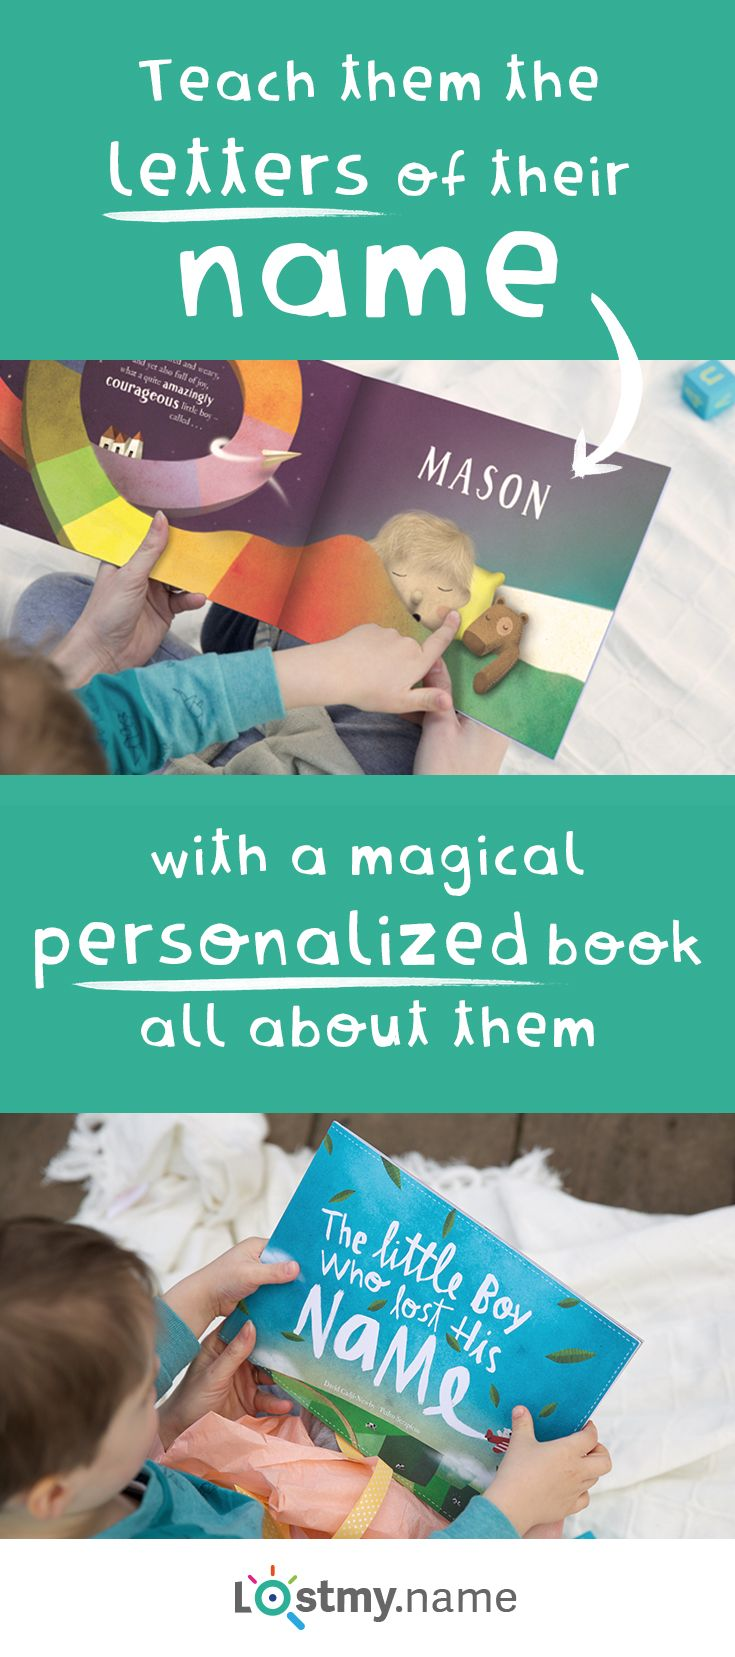 2487 best Teaching Materials images on Pinterest   Teaching ideas ...